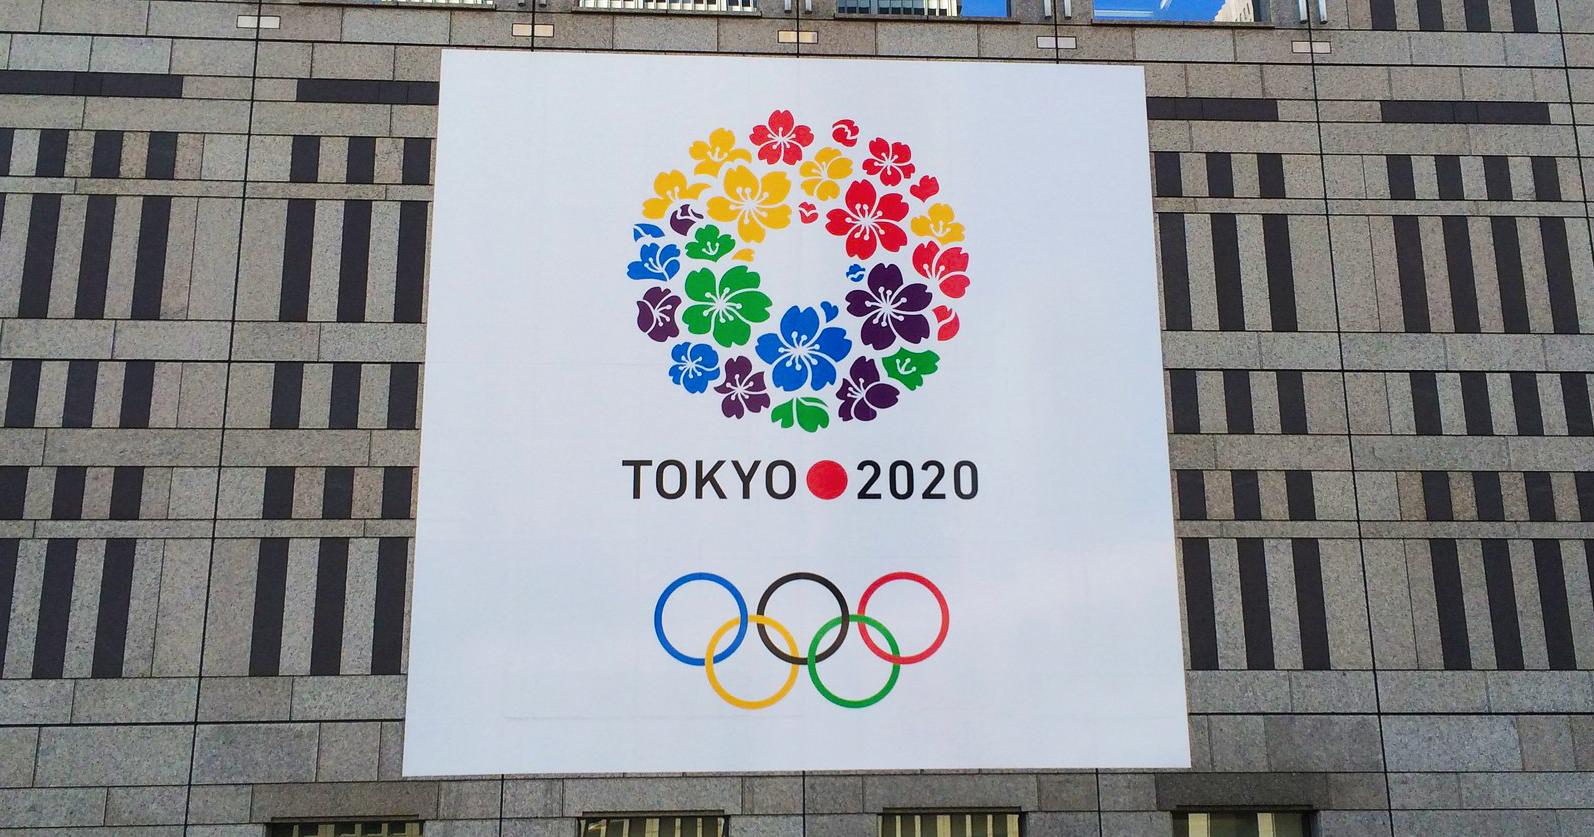 Juegos Olímpicos De Tokio 2020 Pospuesto Hasta Que 'A Más Tardar En El Año 2021'